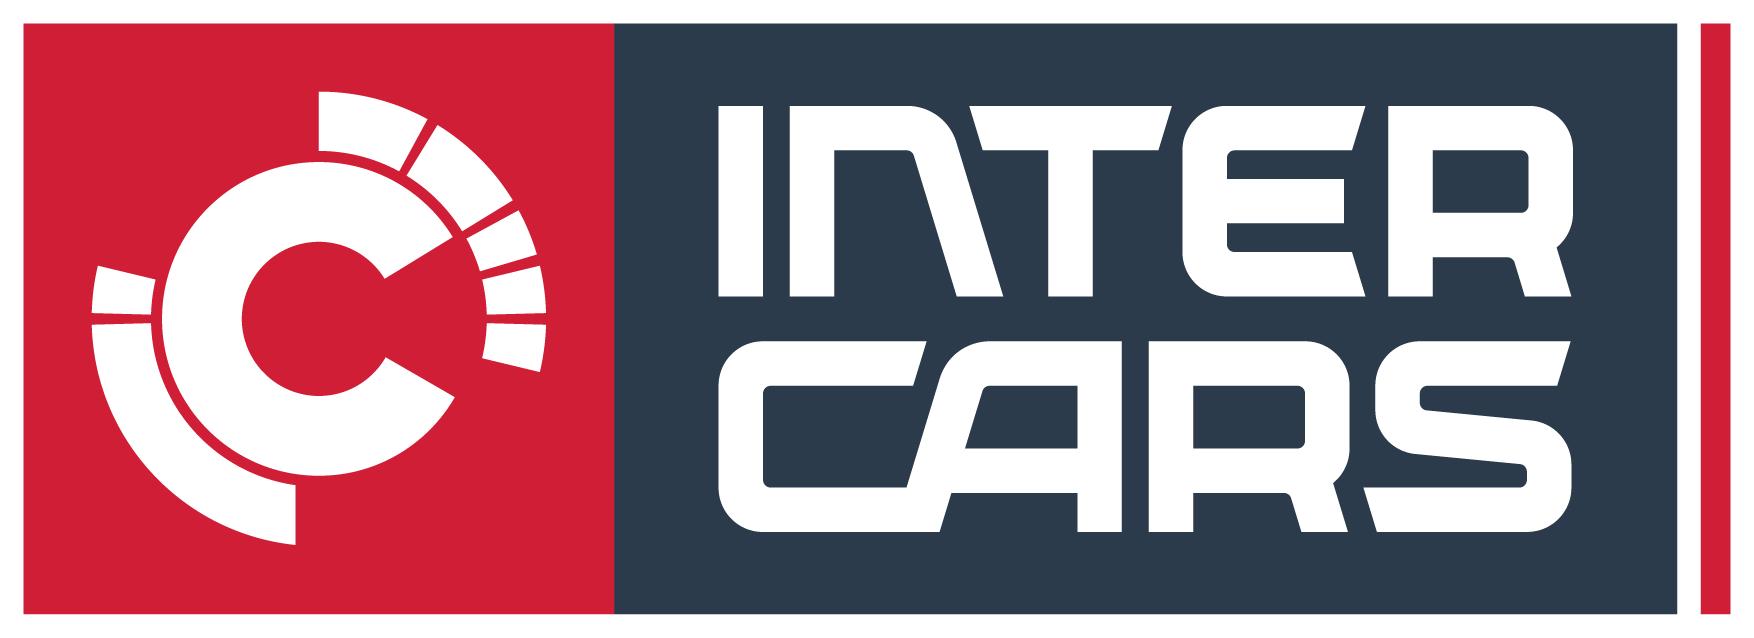 Części samochodowe inter cars